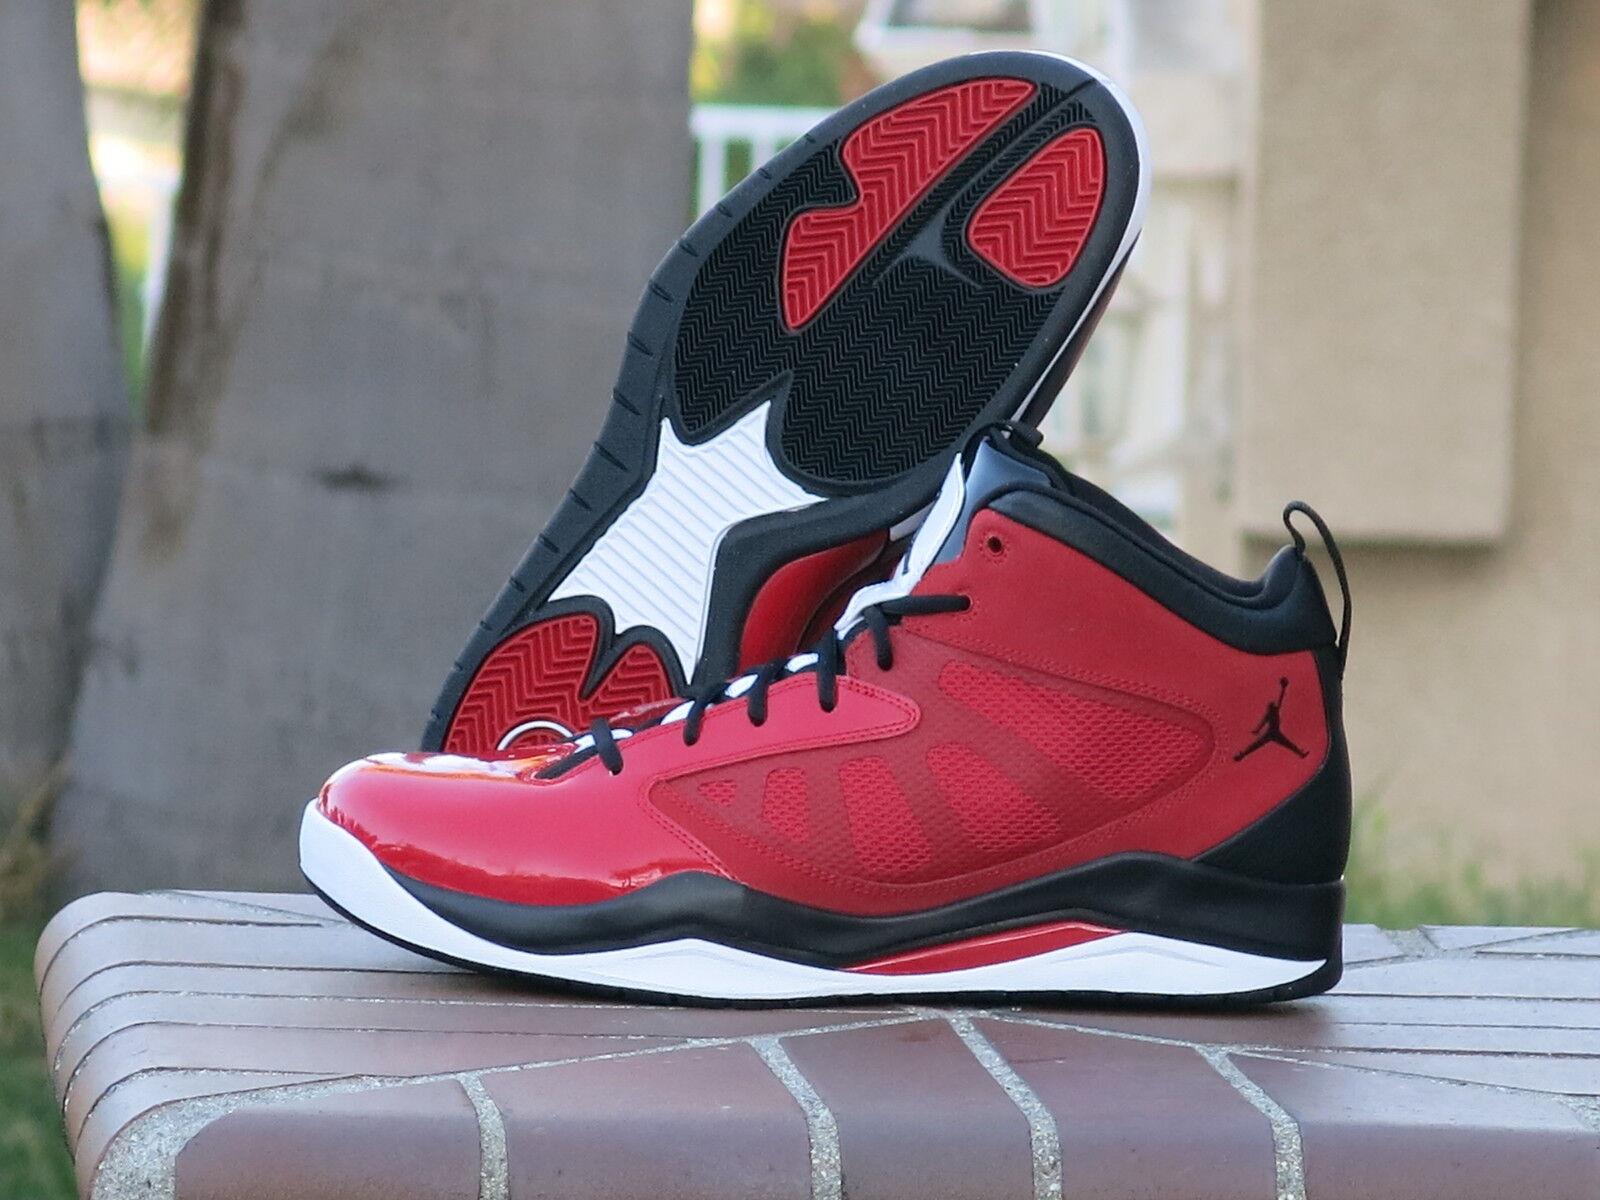 2018 los hombres de Team Nike Air Jordan Flight Team de 11 gimnasio Rojo / blanco / negro 428777-601 reducción de precios con gran descuento 4a5b5b